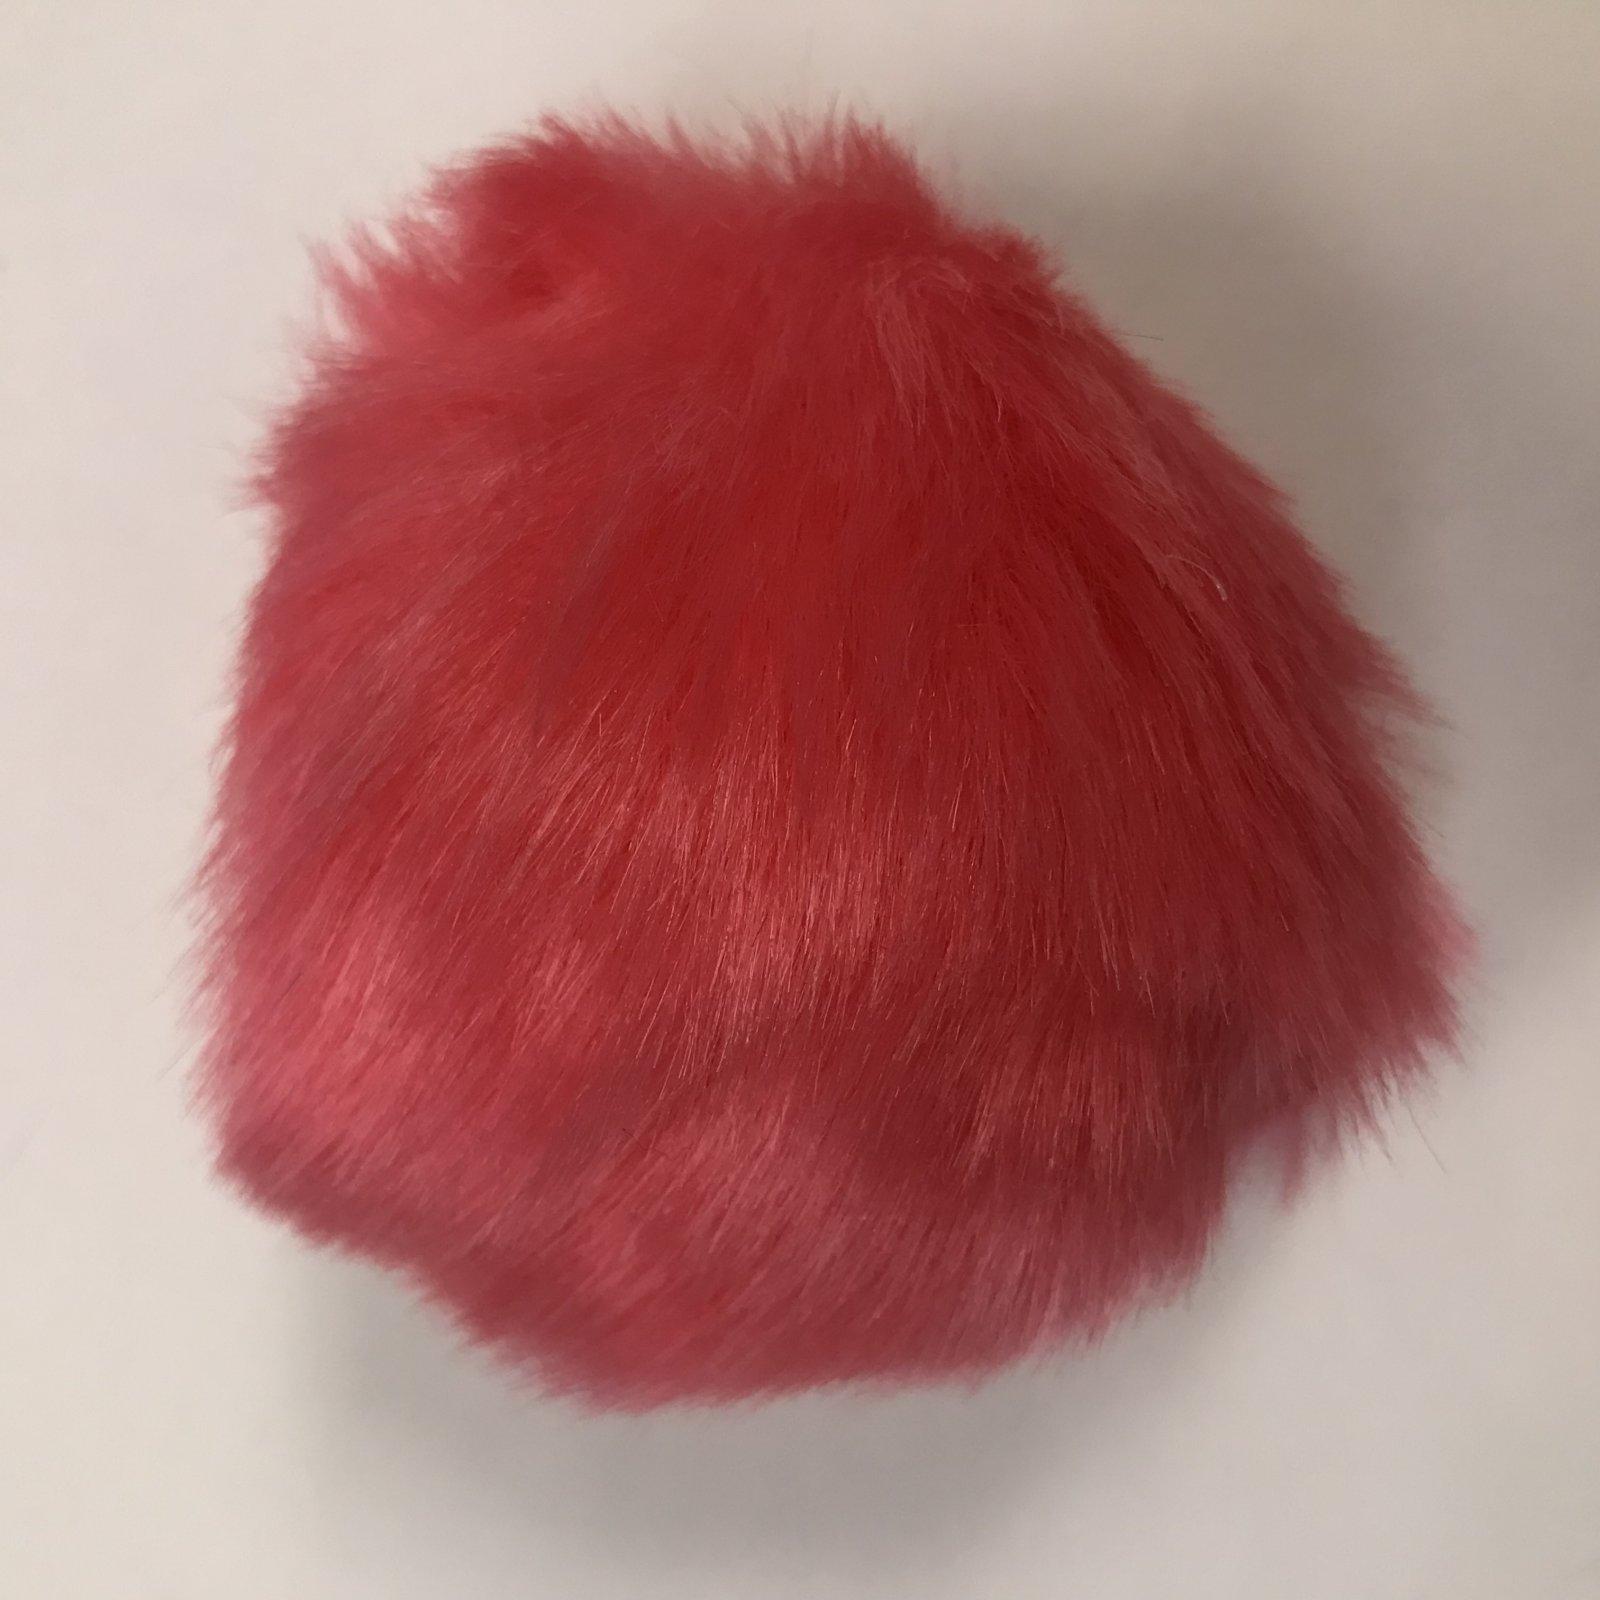 Faux Fur Poms 9 cm - Flamingo Pink